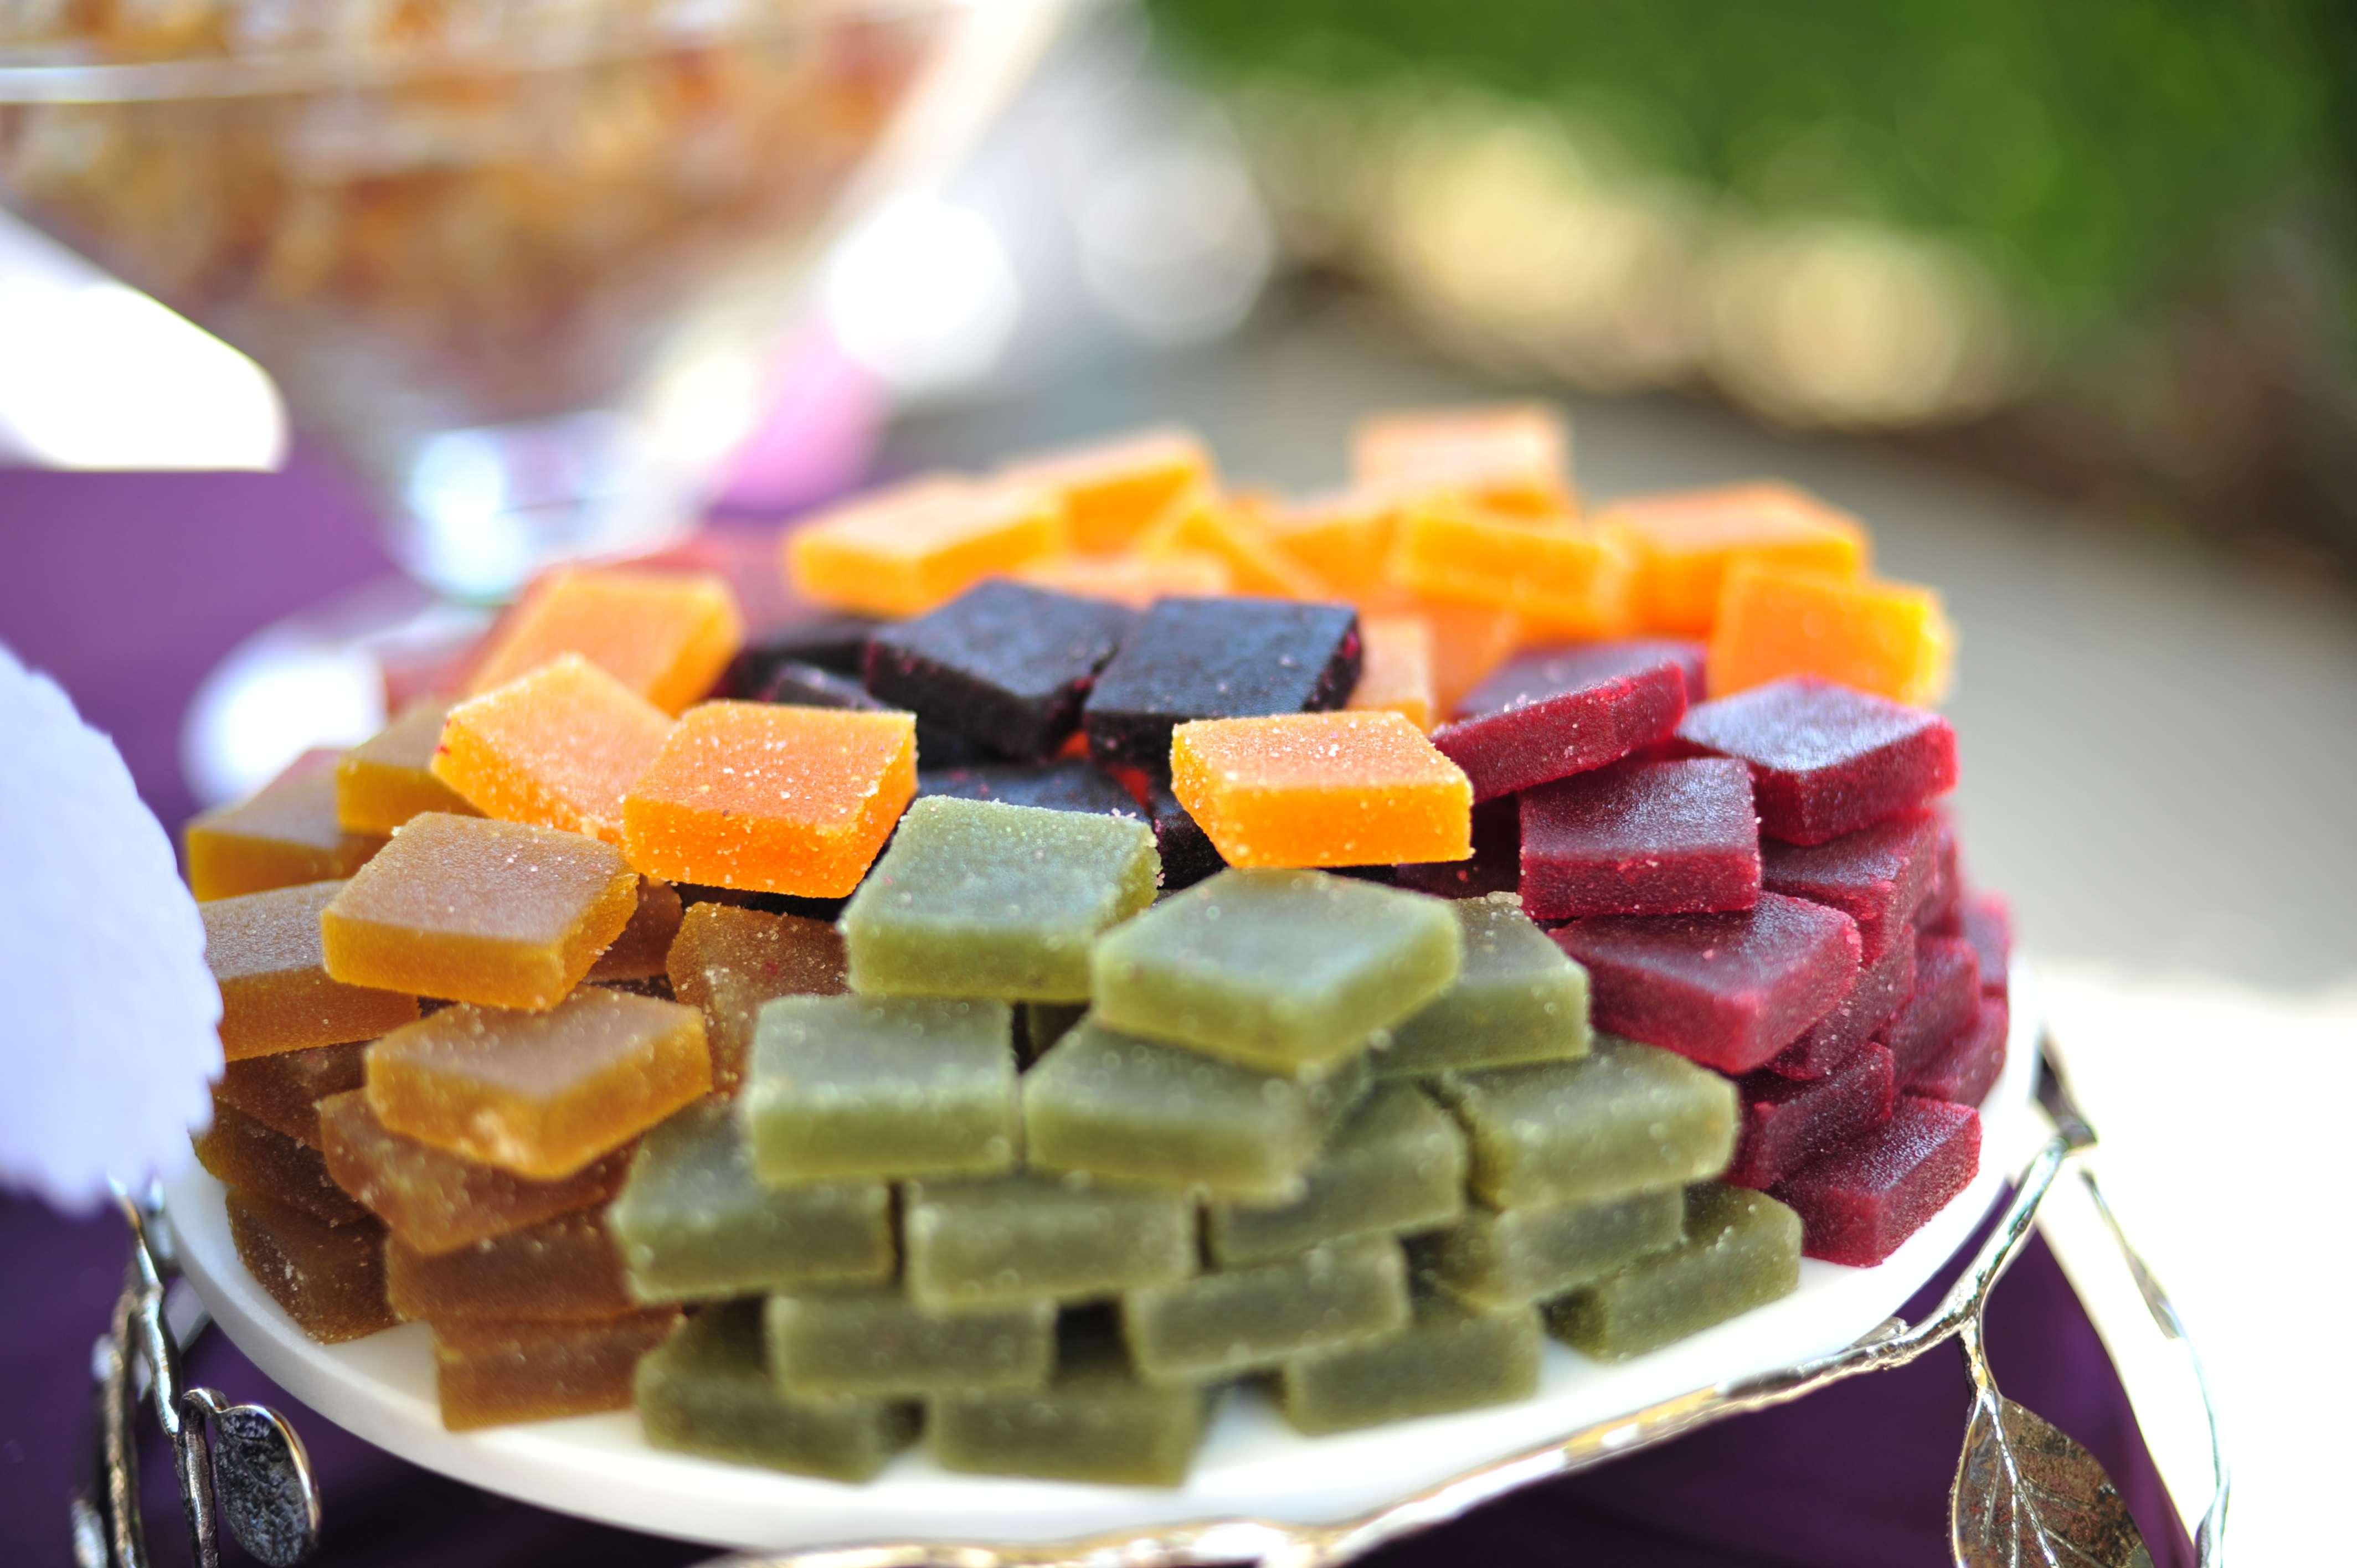 pate de fruit wedding dessert bar